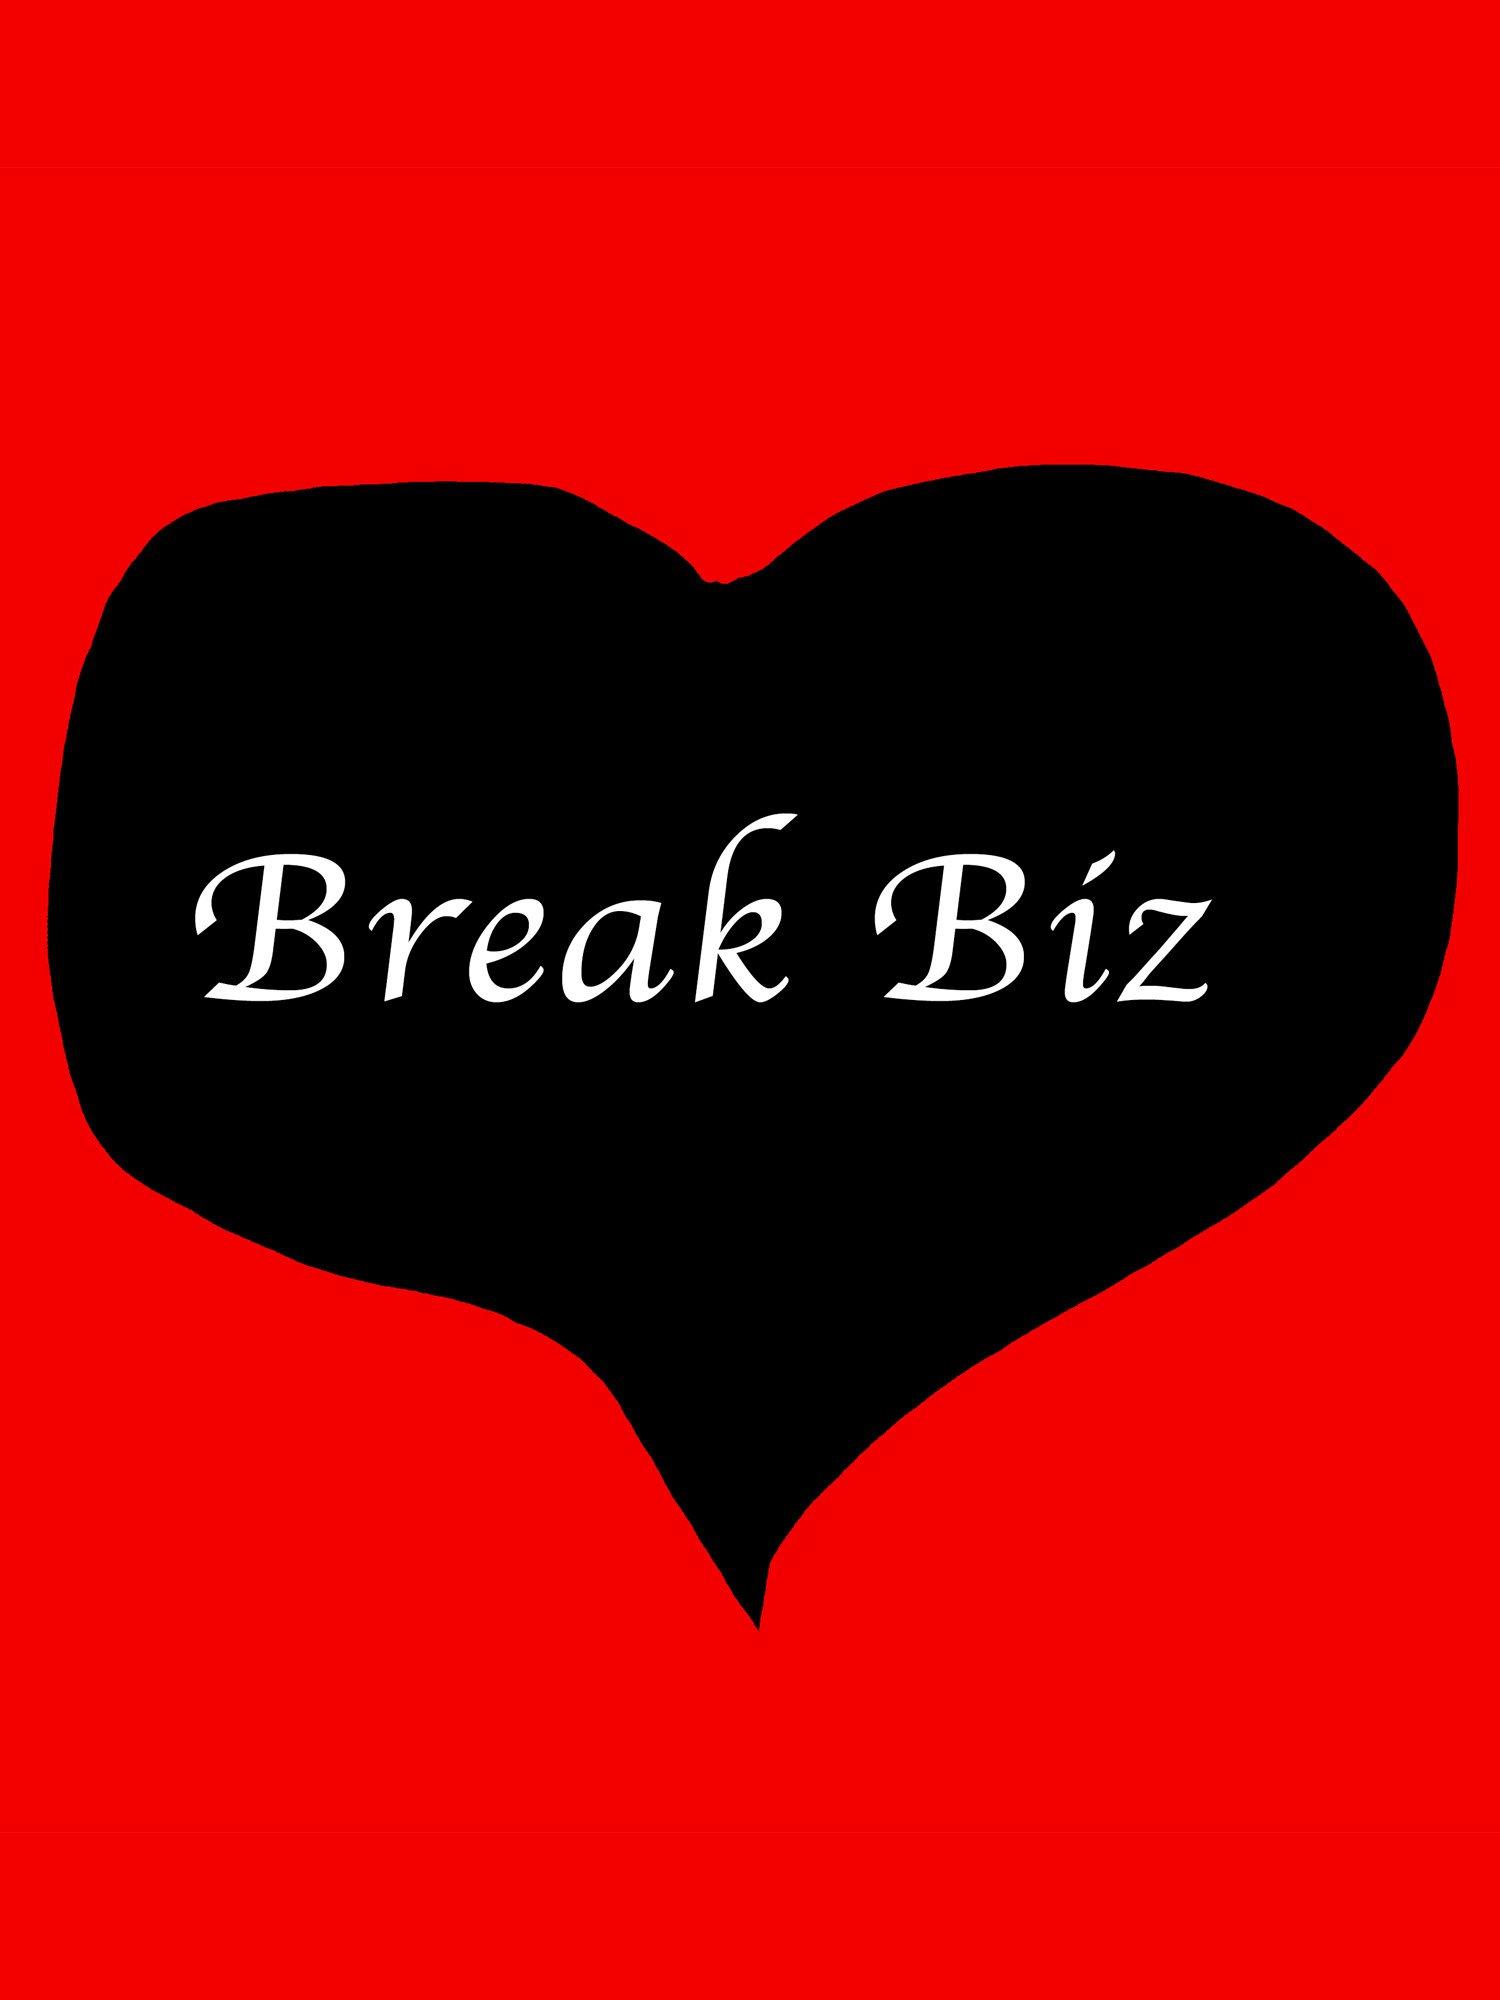 Break Biz